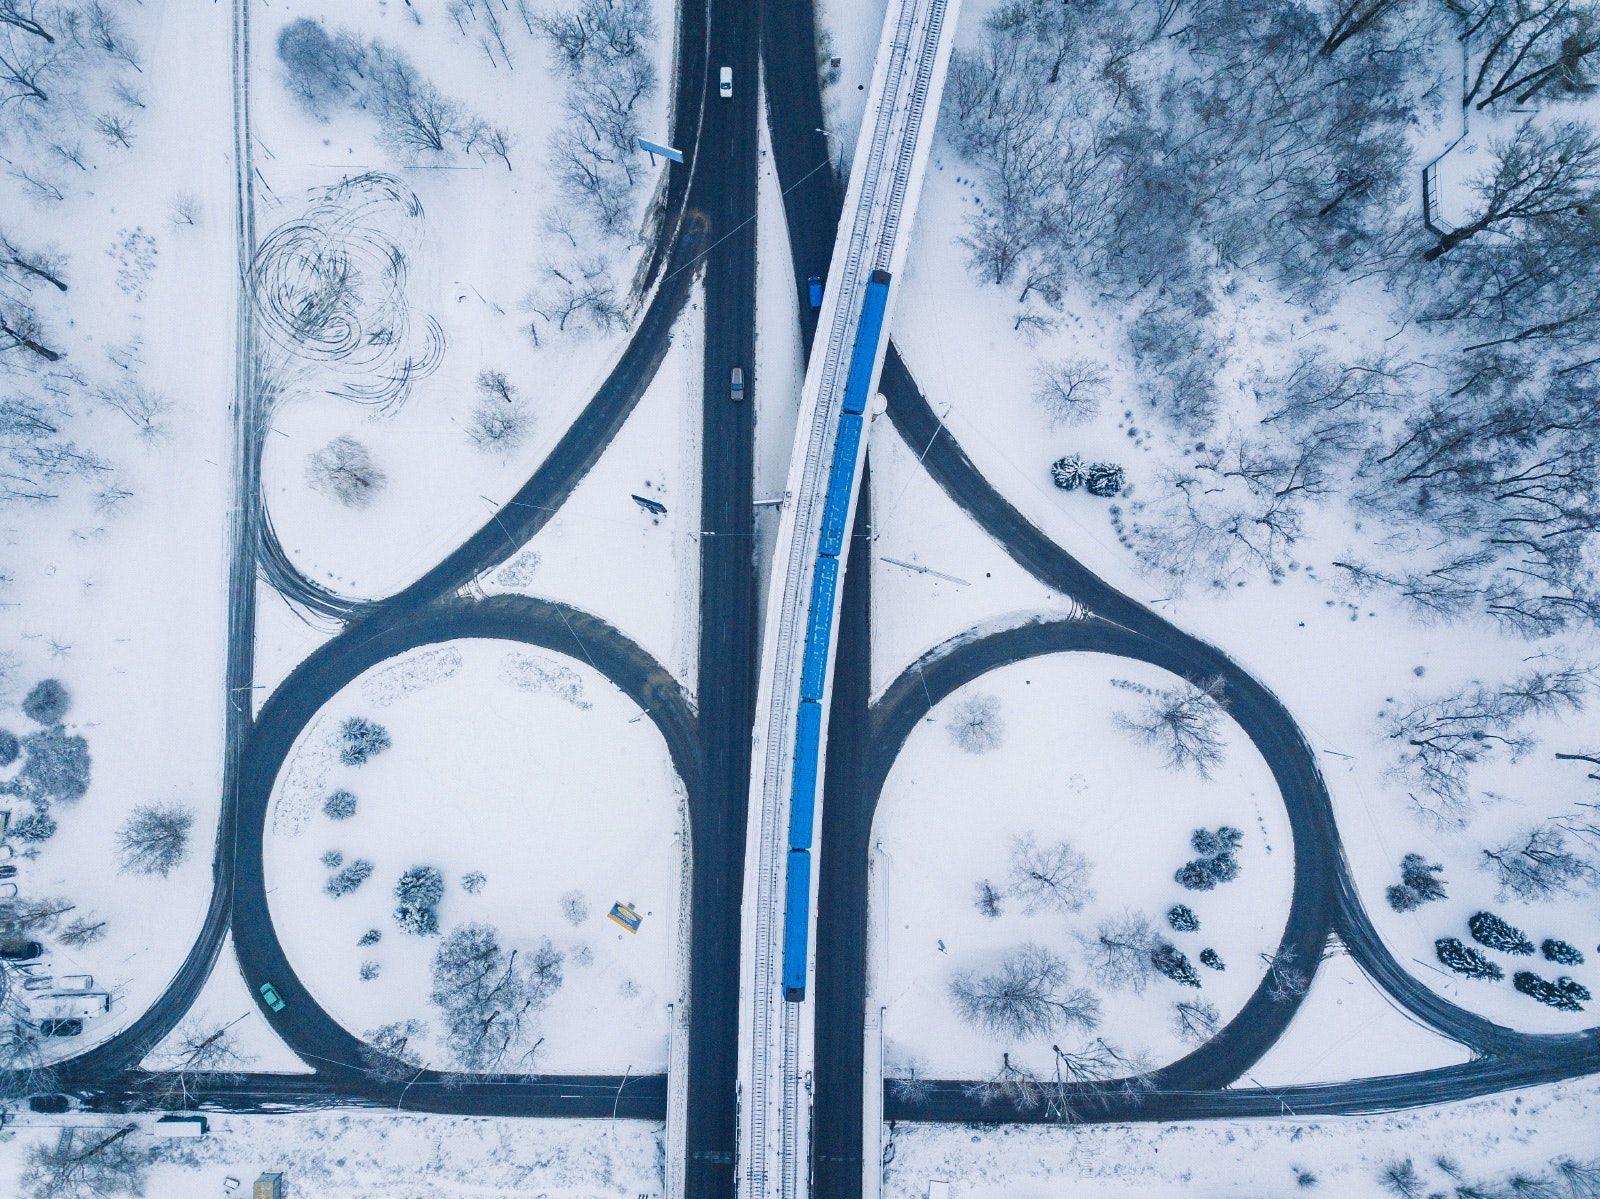 Київський фотограф показав унікальні фото Києва з висоти - фото 371115